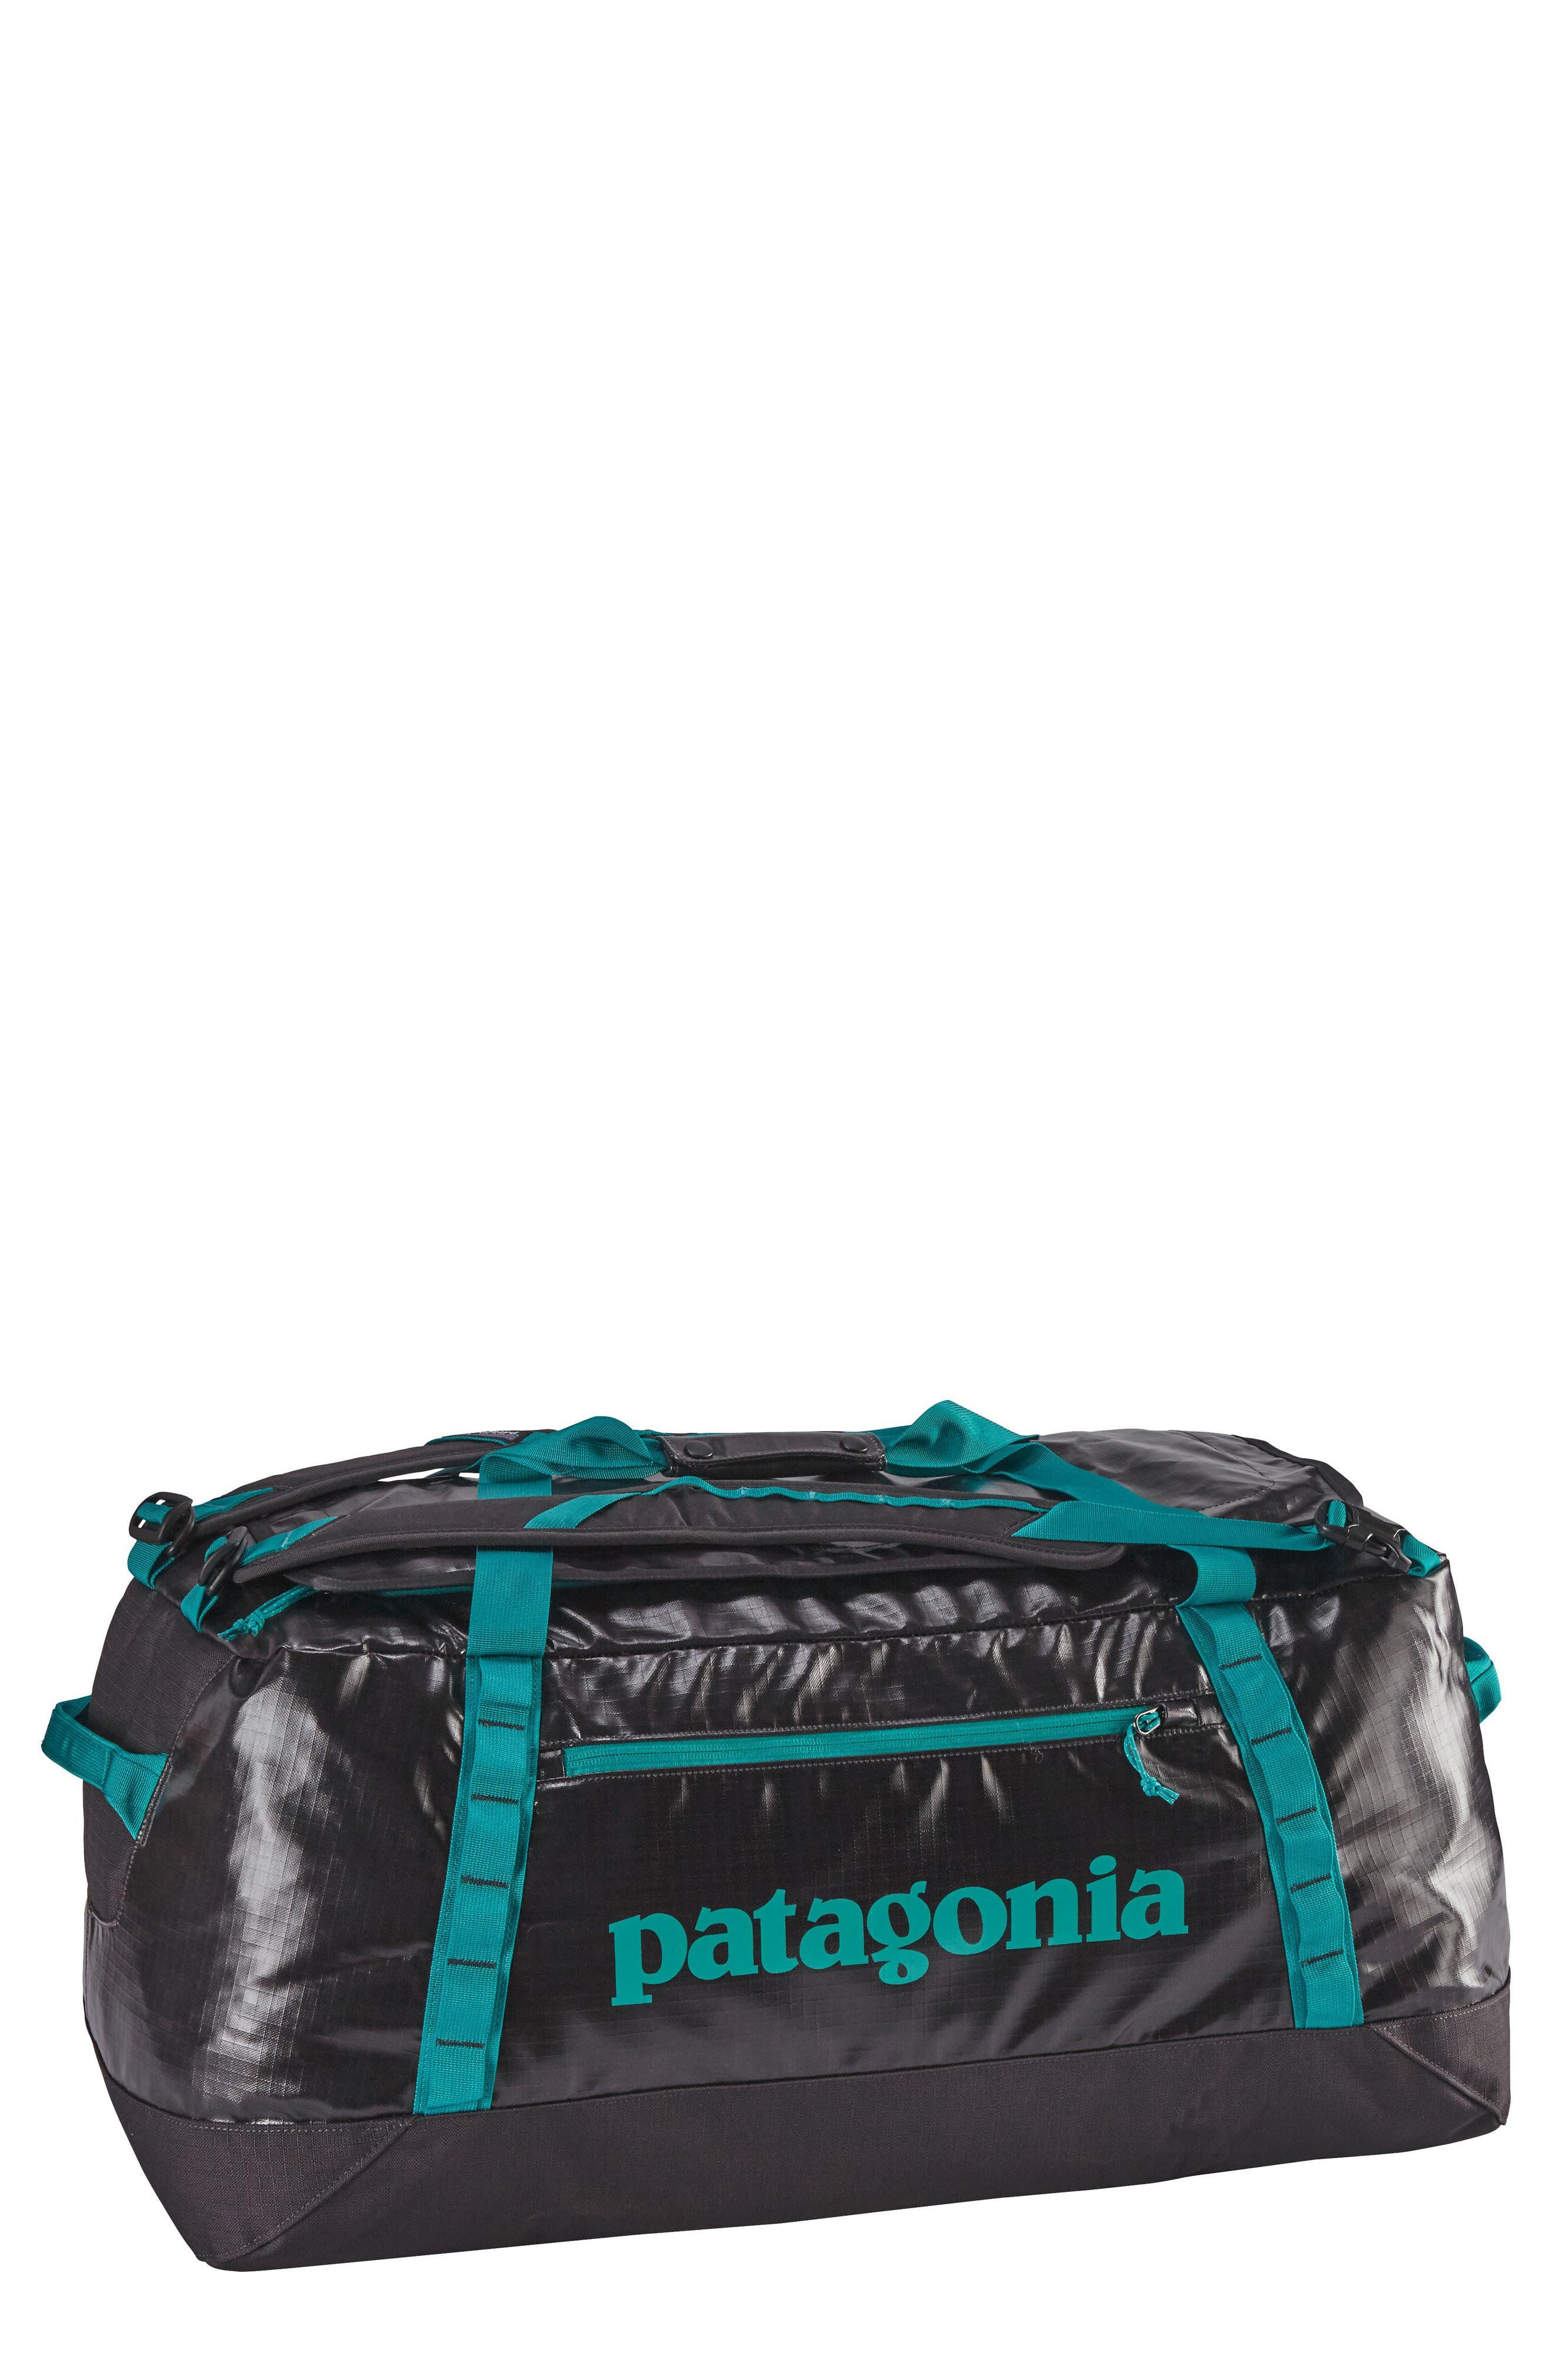 Patagonia Black Hole Water Repellent Duffel Bag